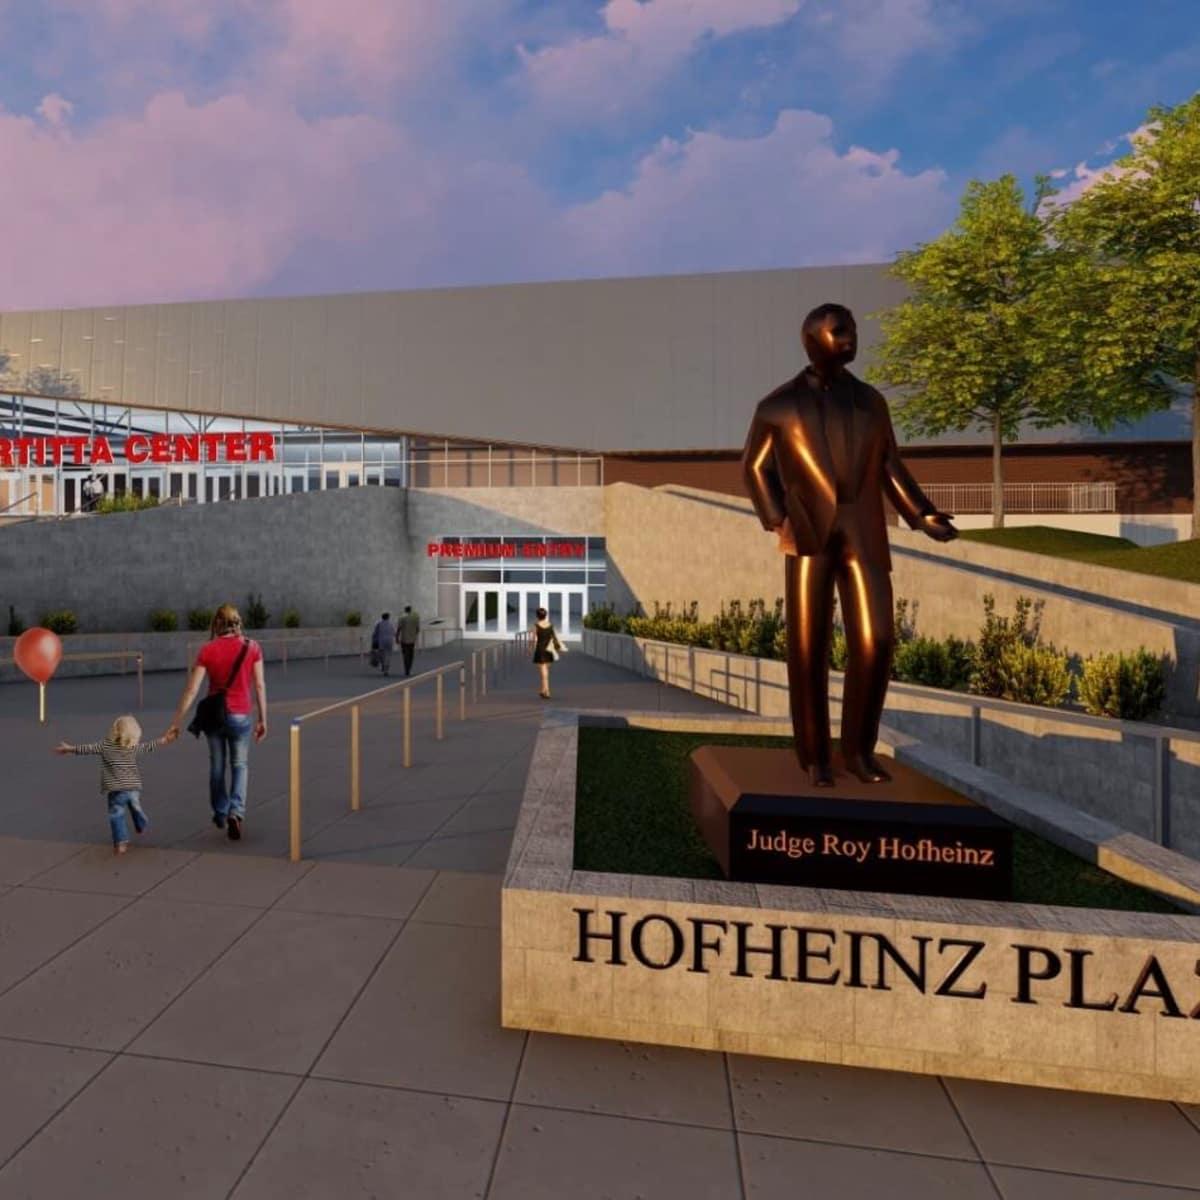 Fertitta Center and Hofheinz Plaza courtesy rendering